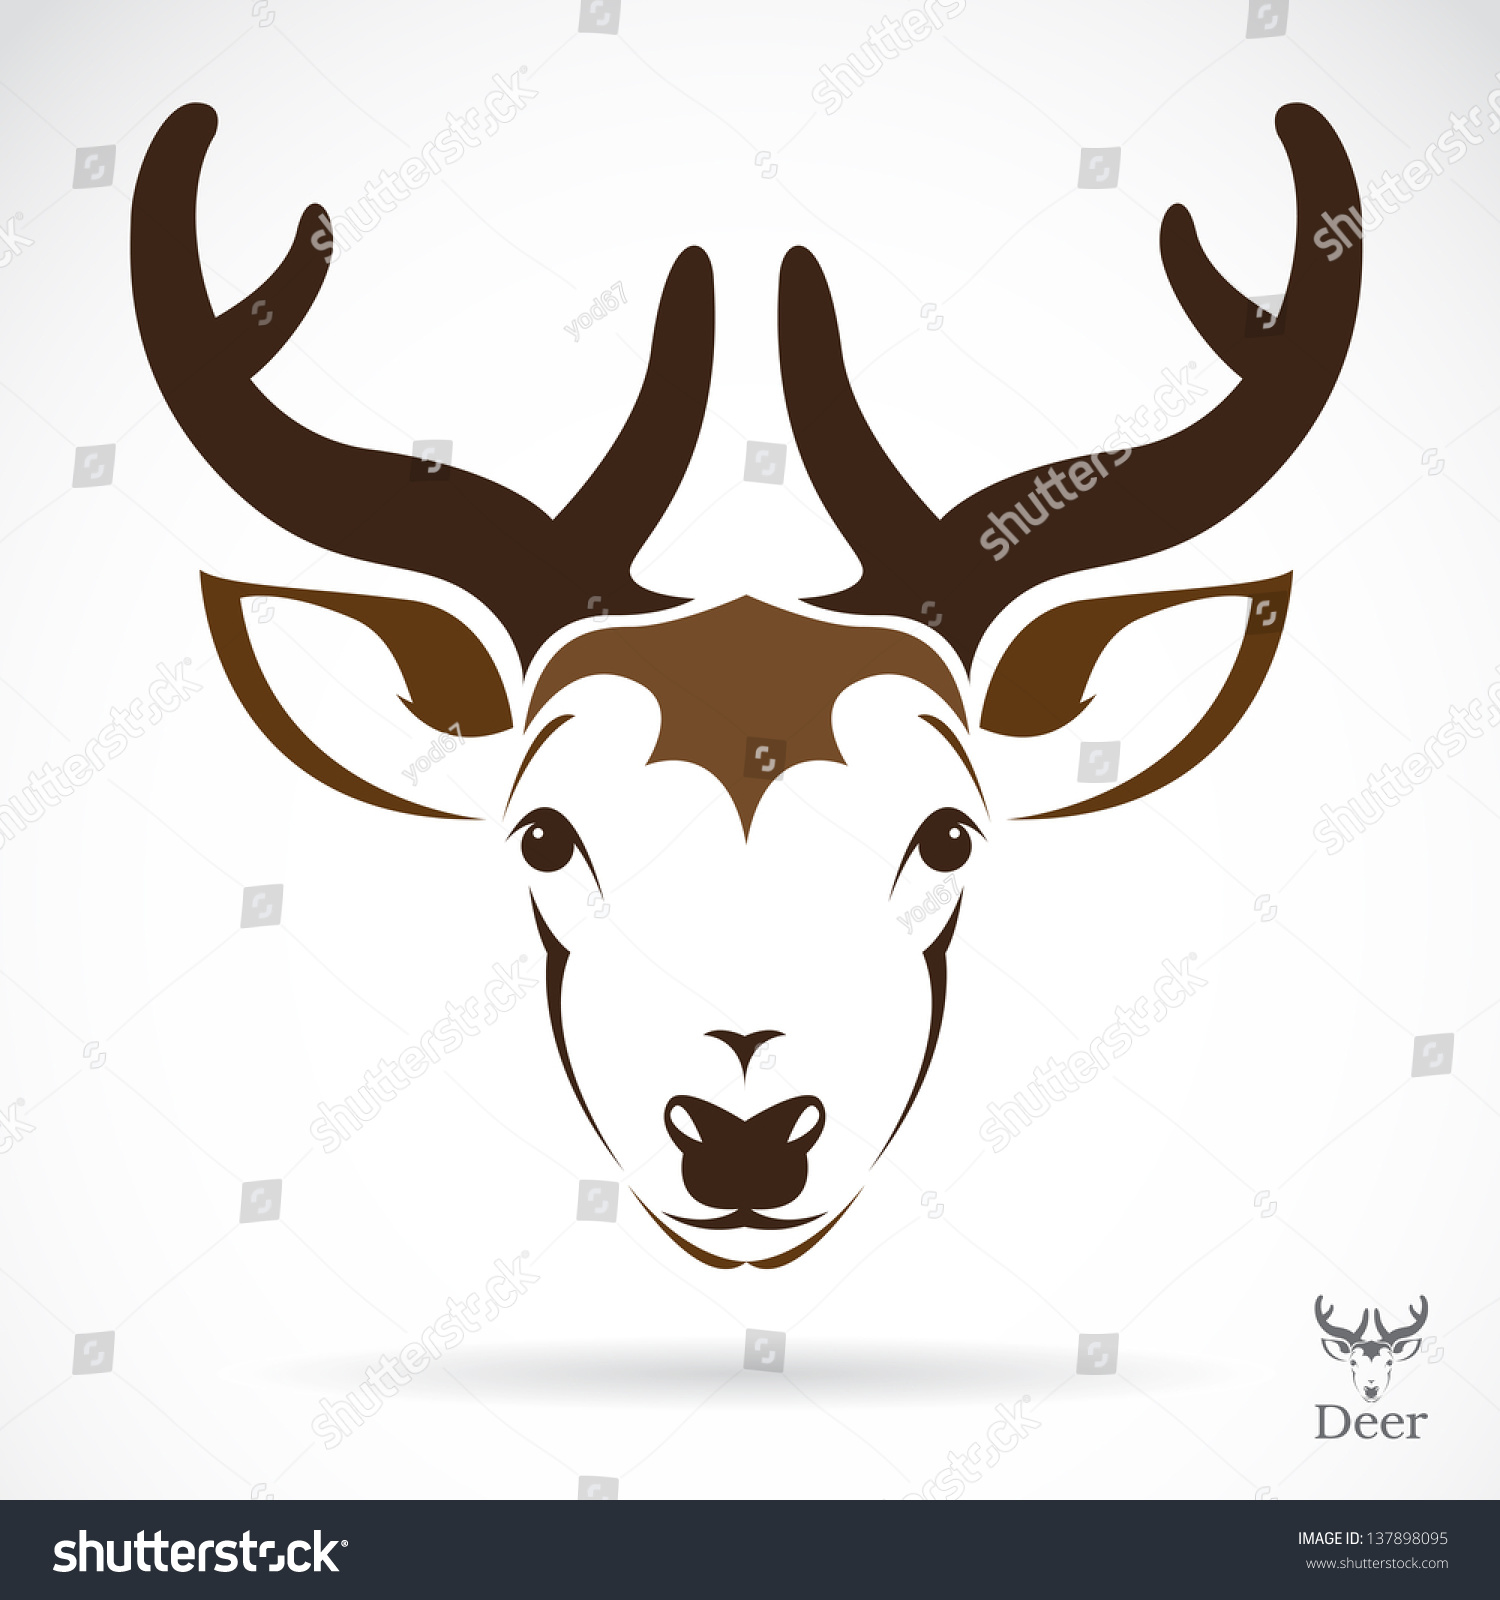 Vector Illustration Deer Symbol Tattoo Stock Vector Royalty Free